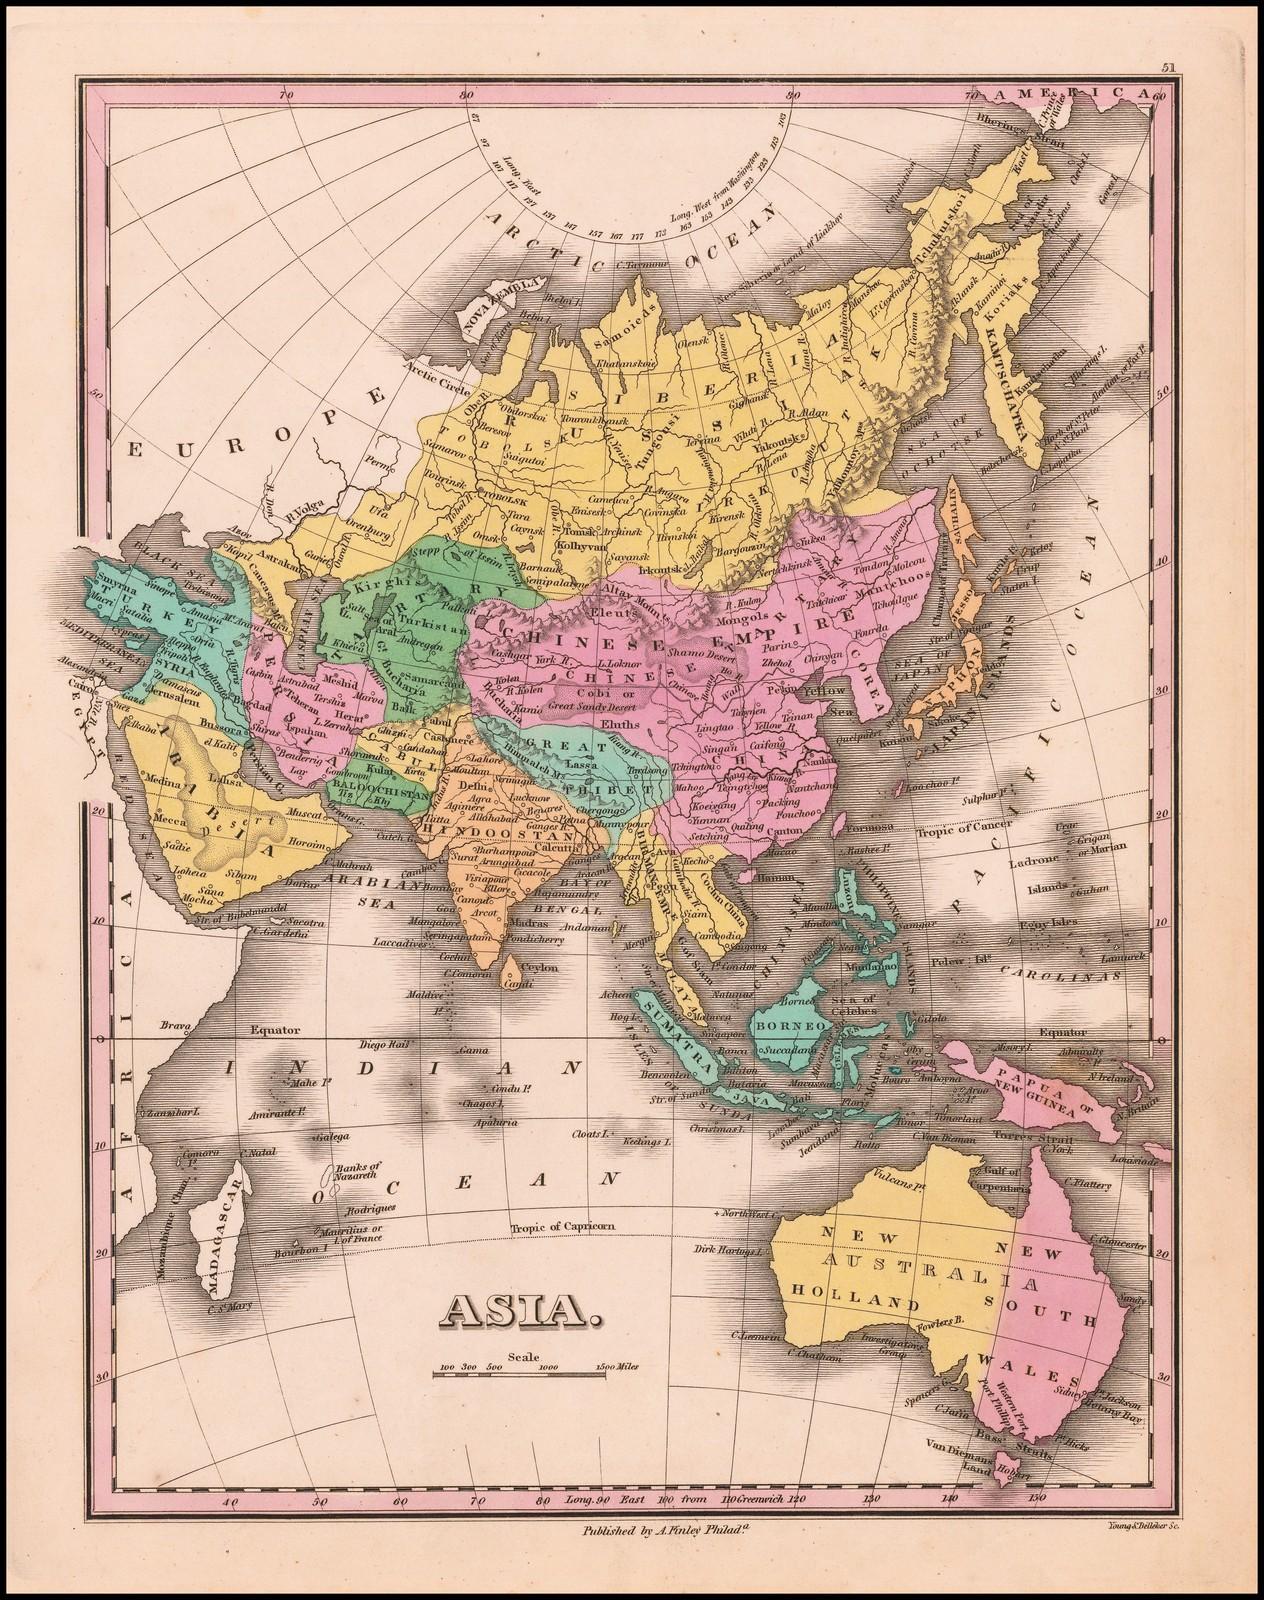 Старинная карта Азии работы Финли, сделанная в 1827 году